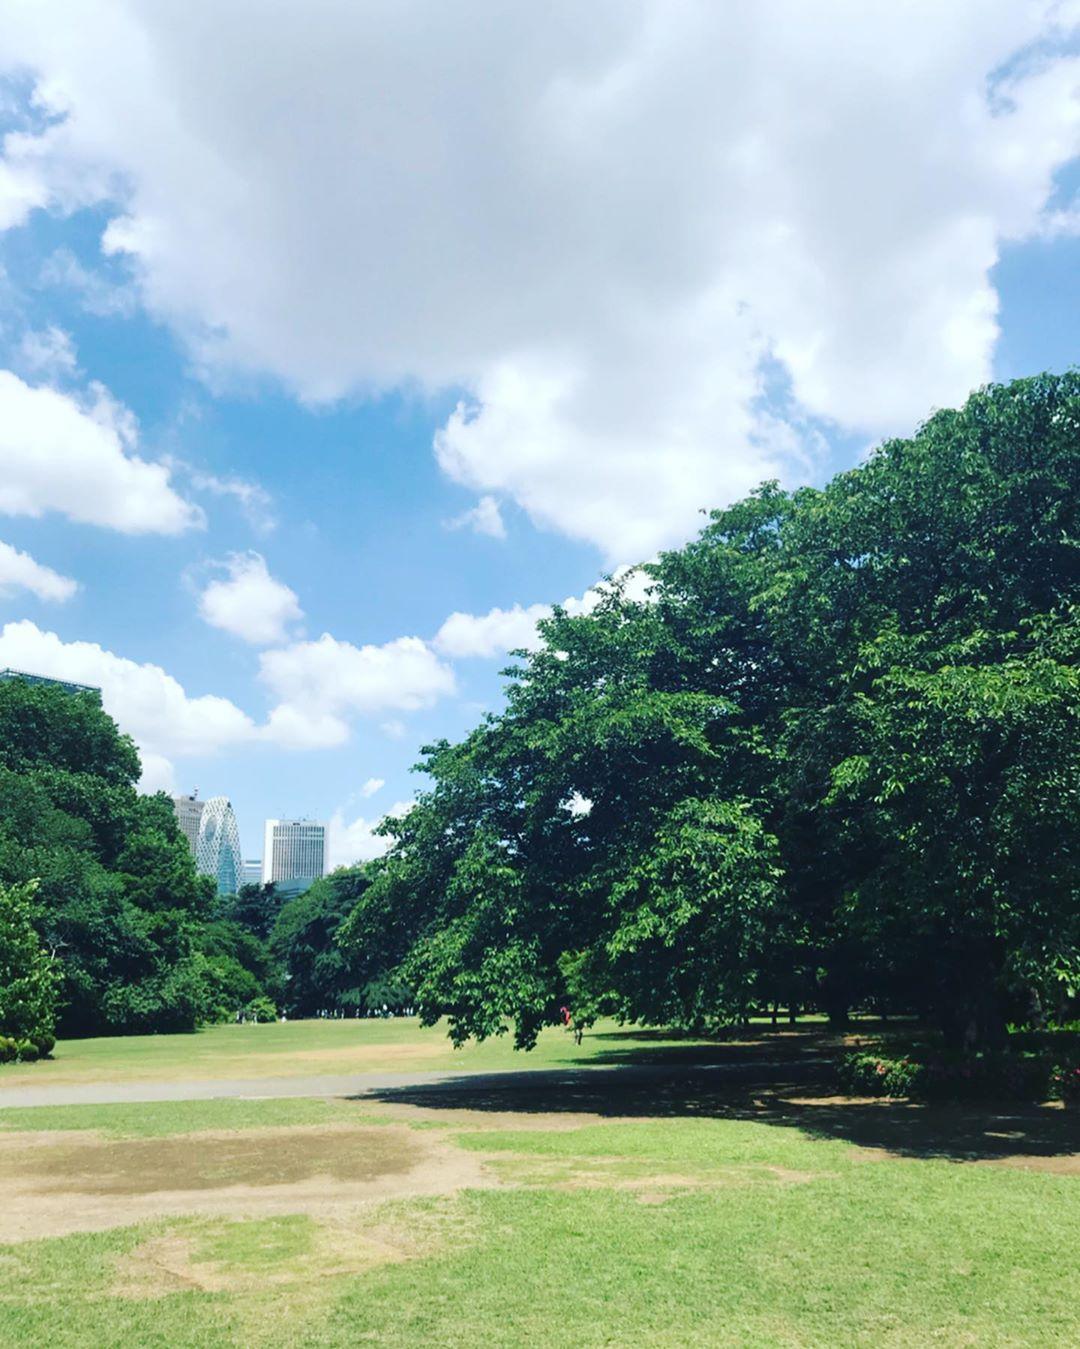 カフェラテを片手に、新宿御苑公園の芝生で寝転んだり。